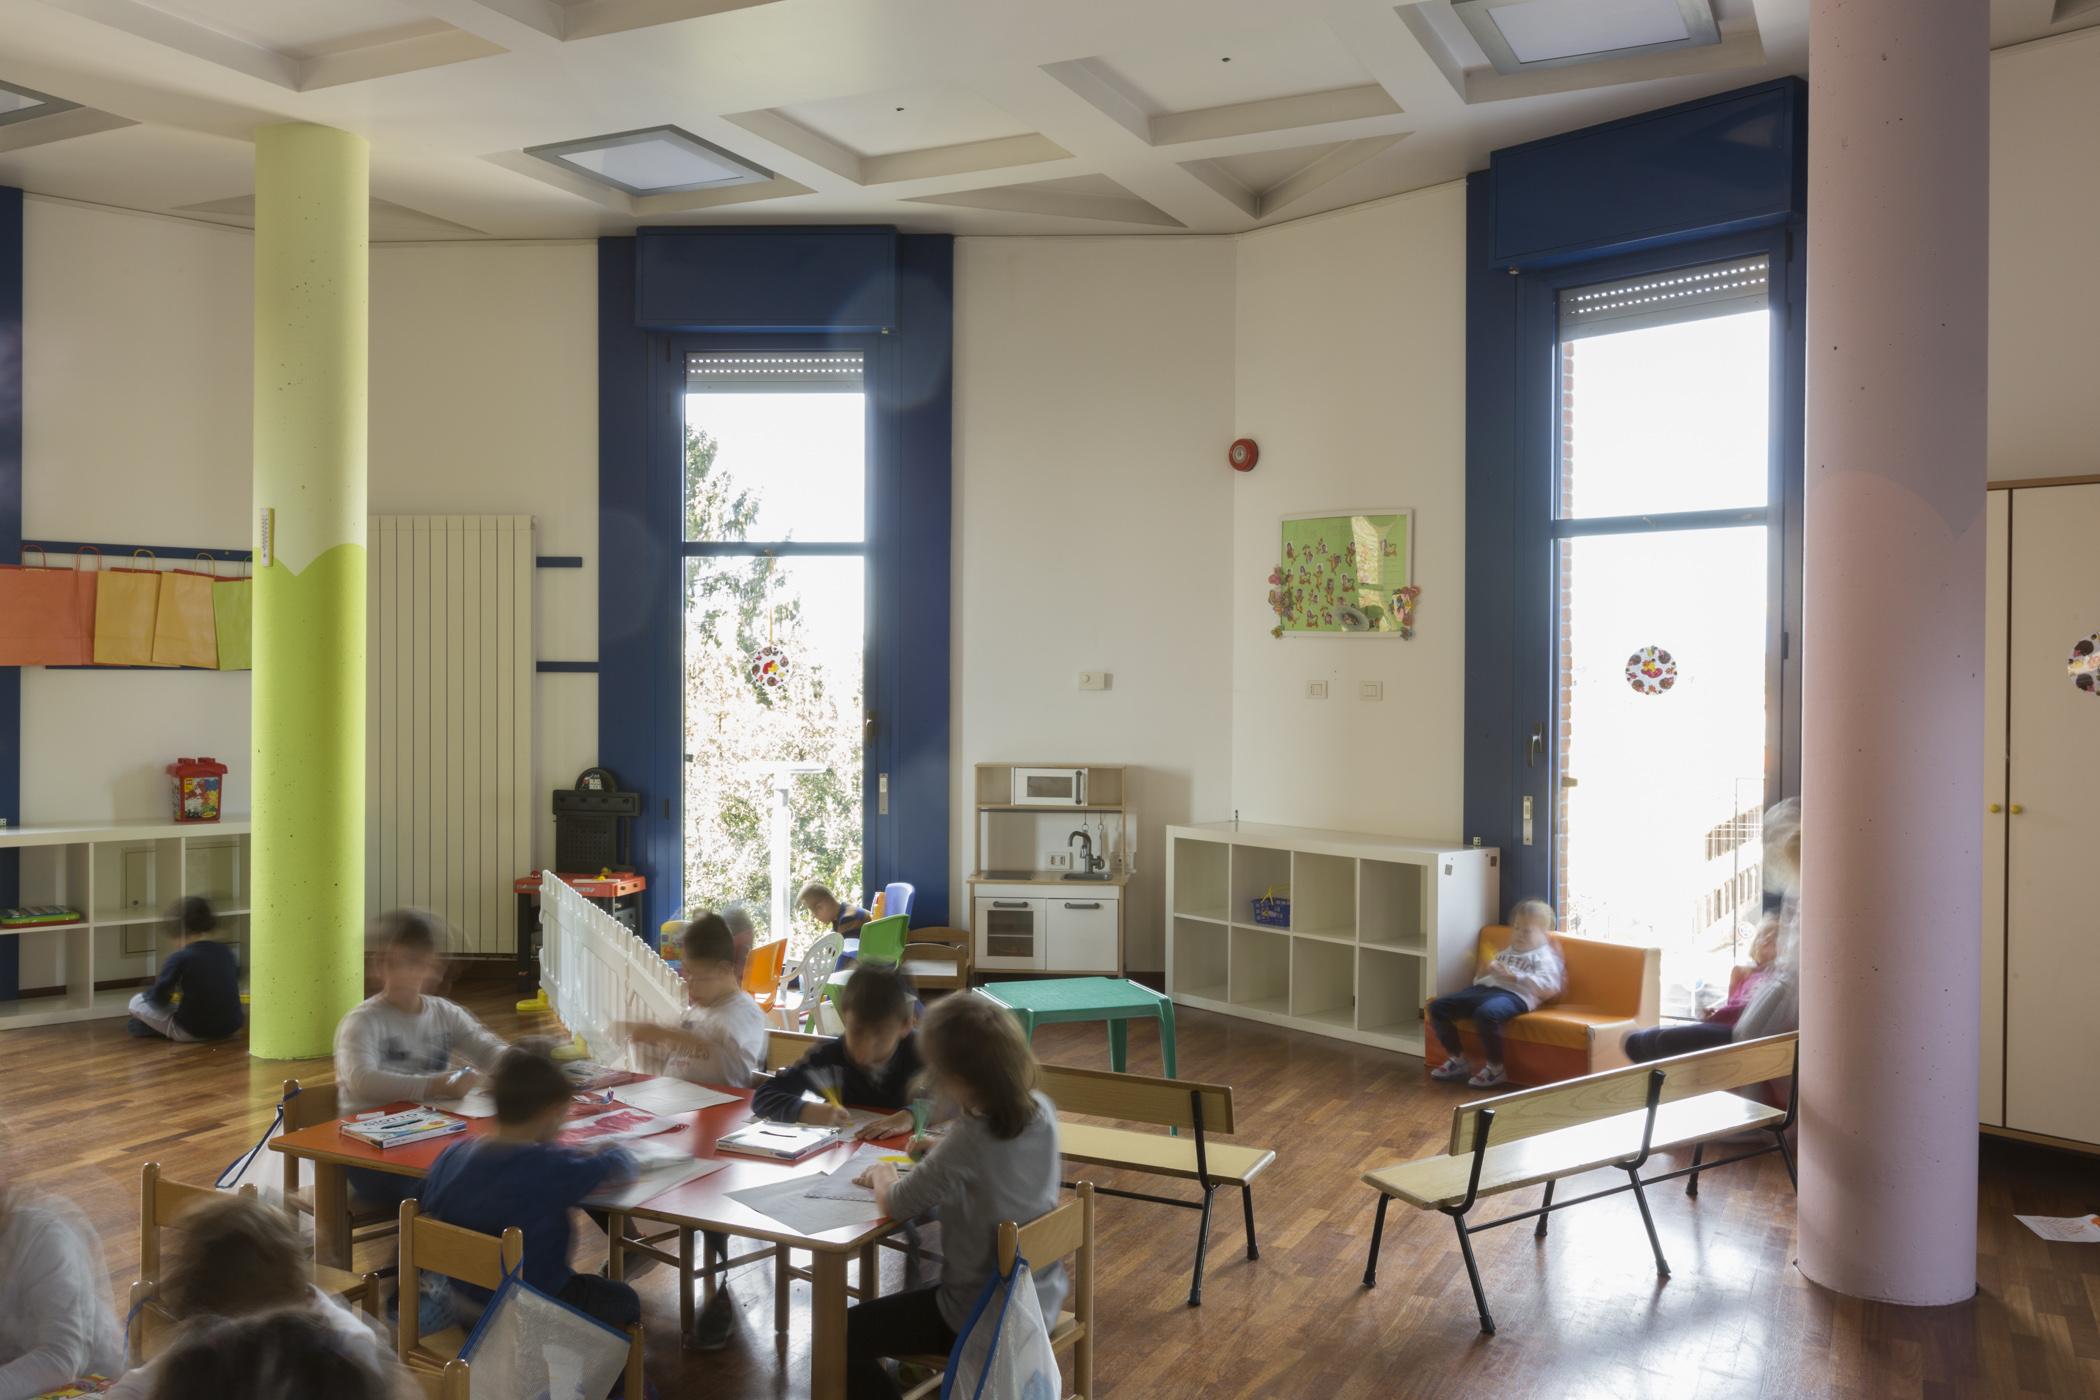 Scuola dell'infanzia Porraneo - Primavera